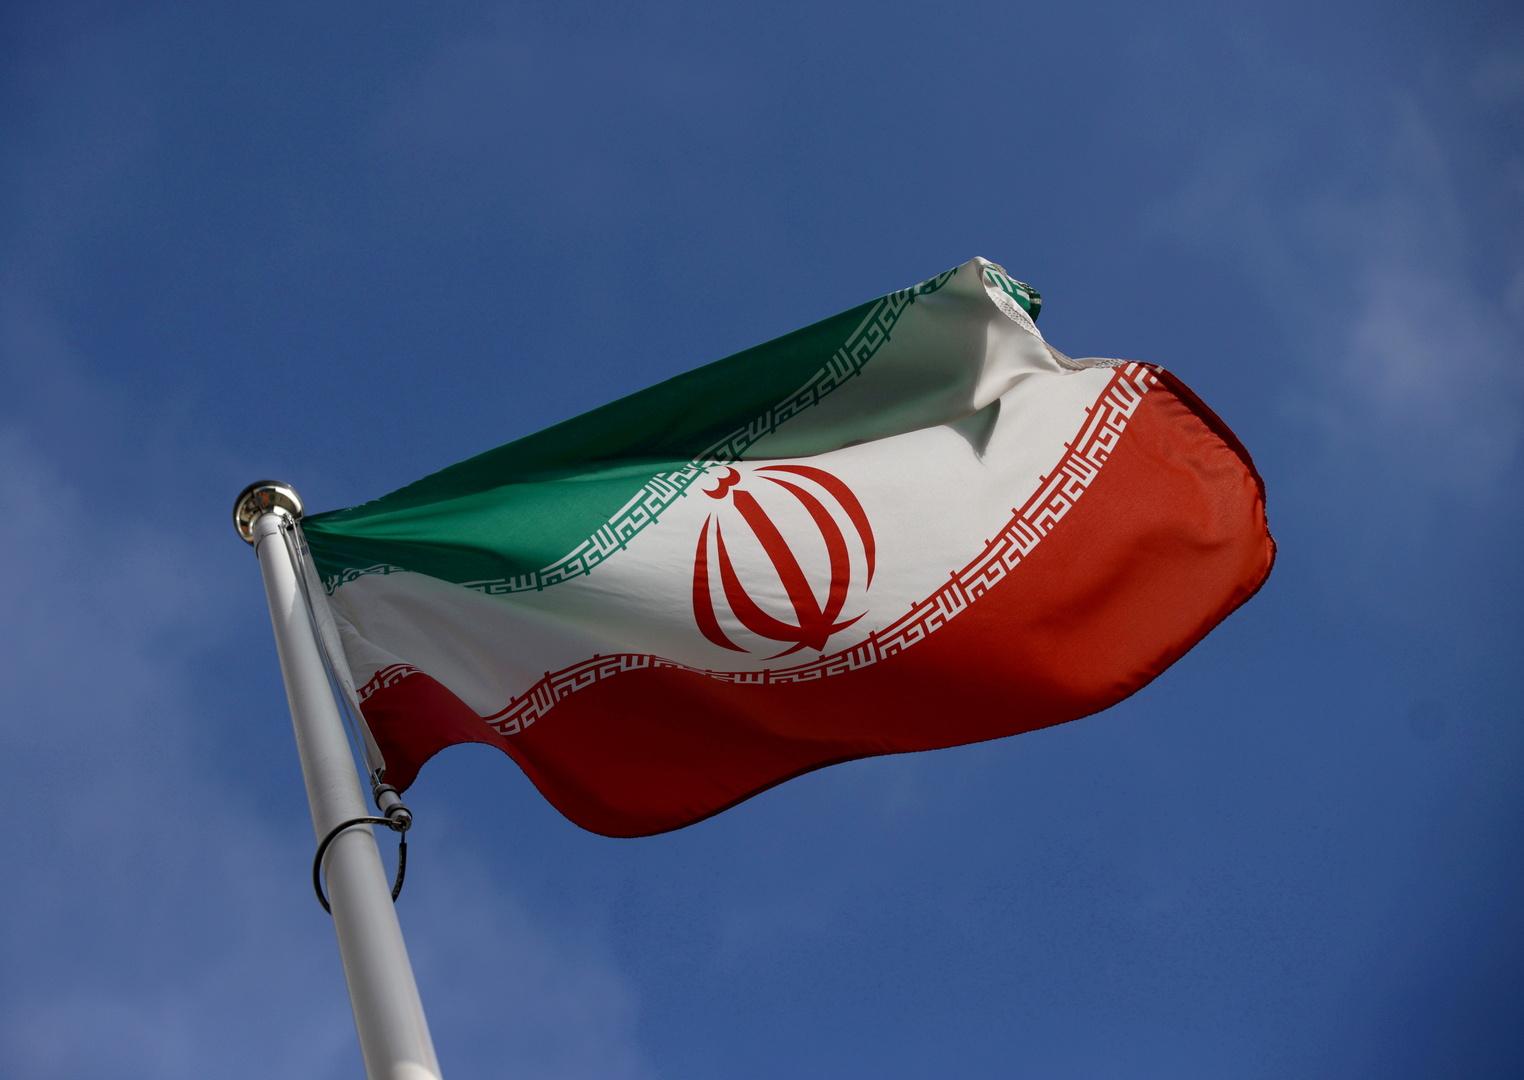 إيران تحظر استيراد الأجهزة الكهربائية وفي مقدمتها الكورية بأمر من المرشد